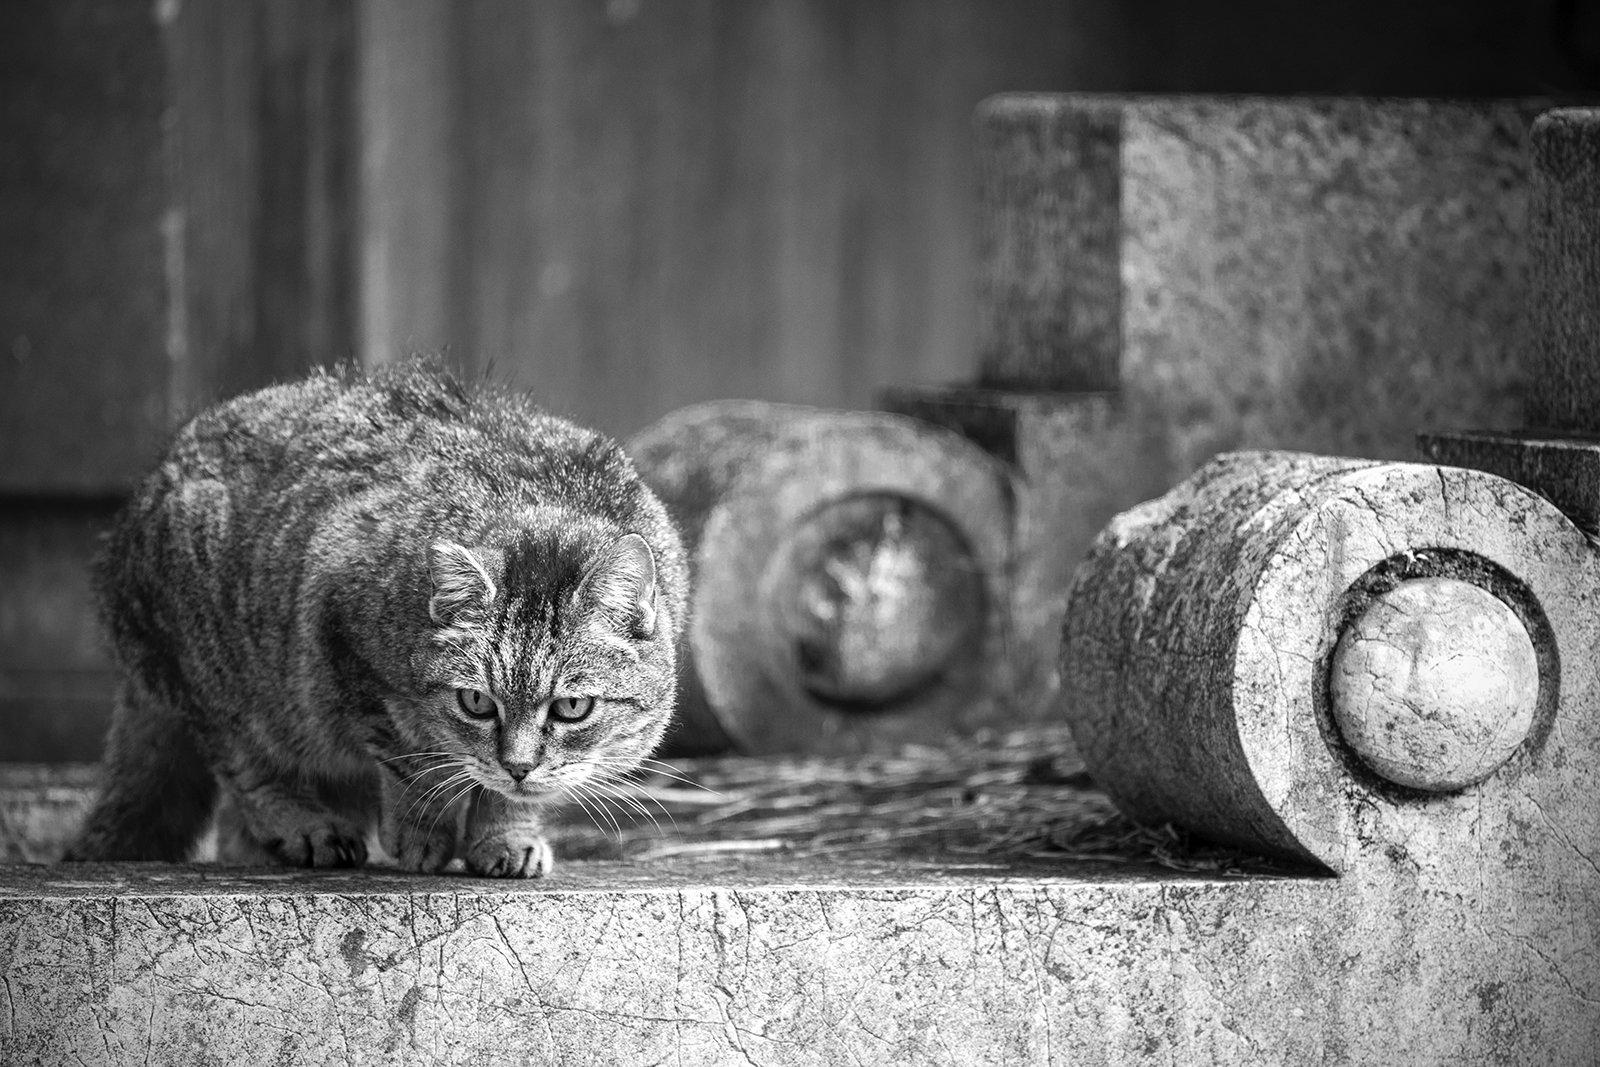 Alley cats/Gatti di strada